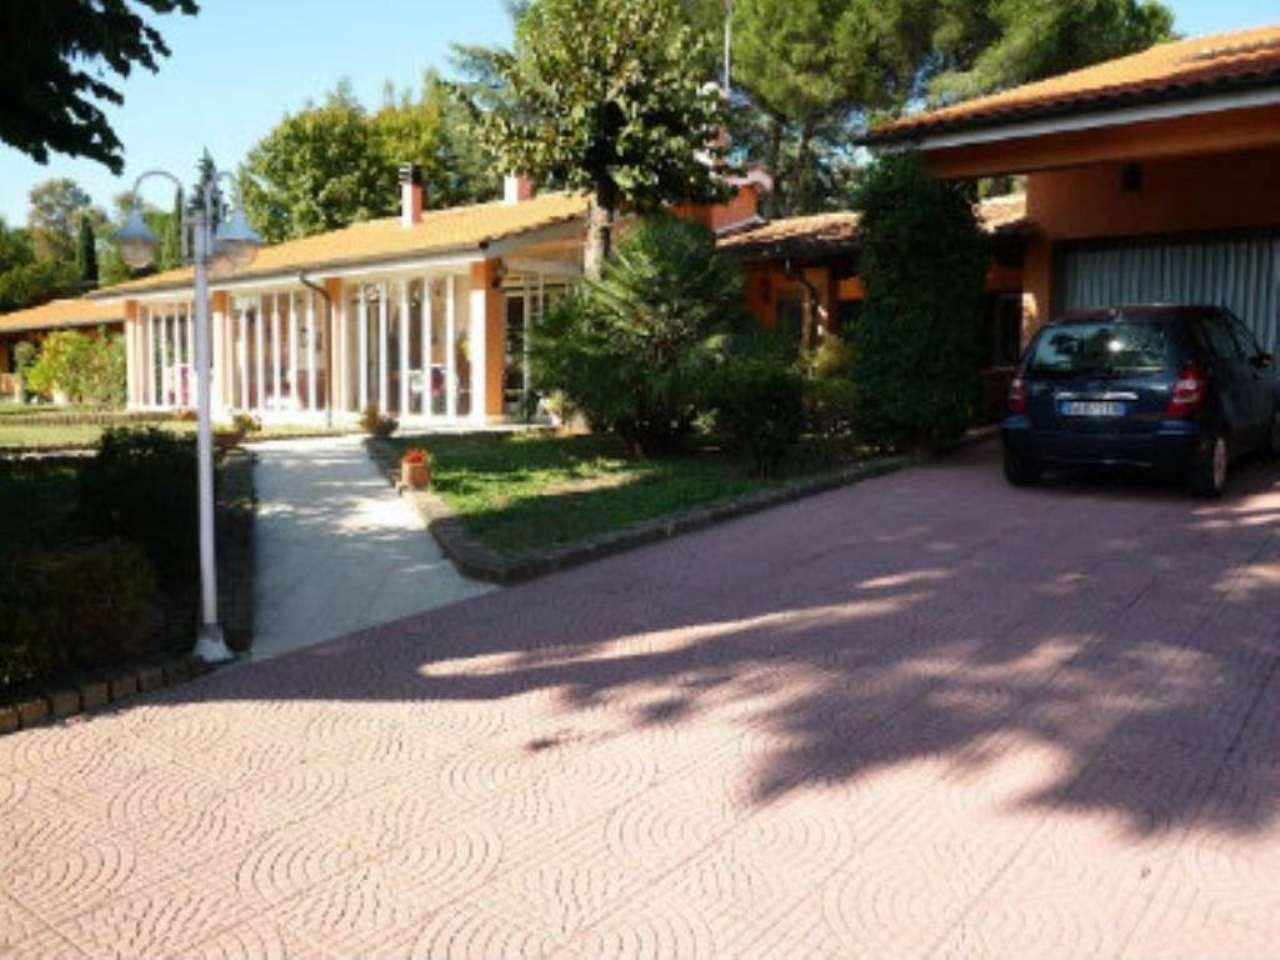 Villa in vendita a Roma, 9999 locali, zona Zona: 42 . Cassia - Olgiata, prezzo € 780.000 | CambioCasa.it